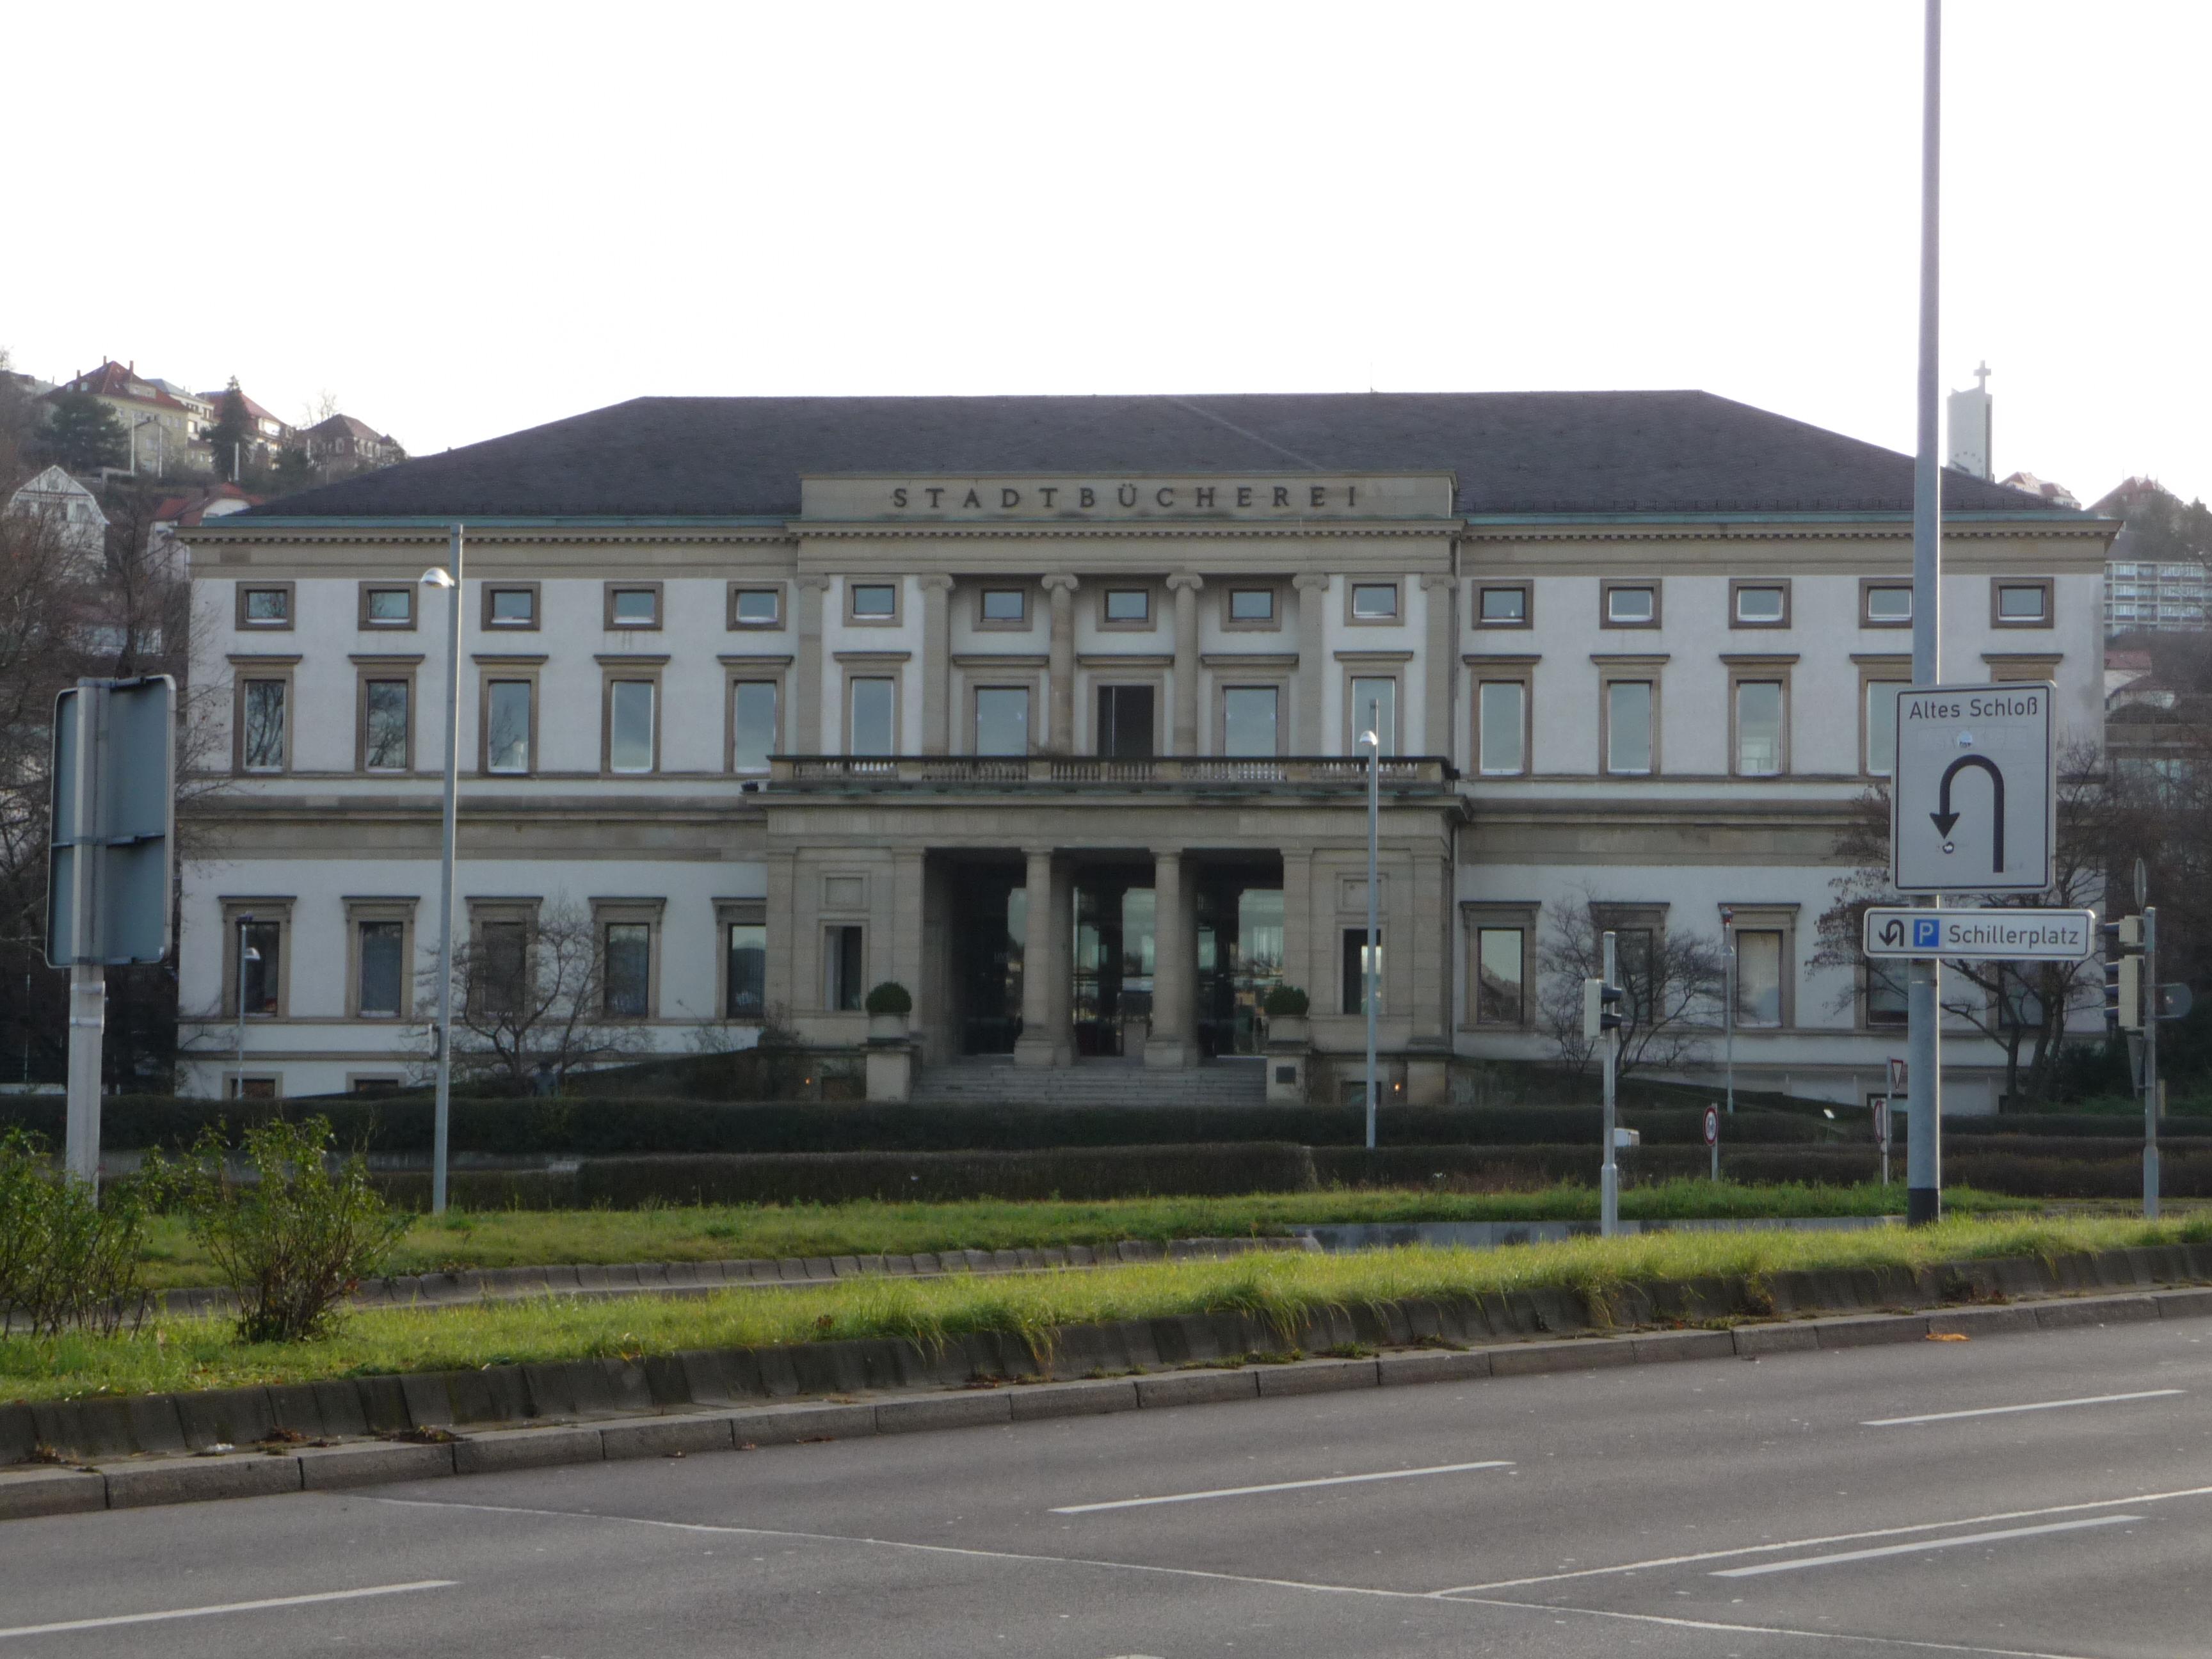 Das ehemalige Bibliotheksgebäude in stuttgart